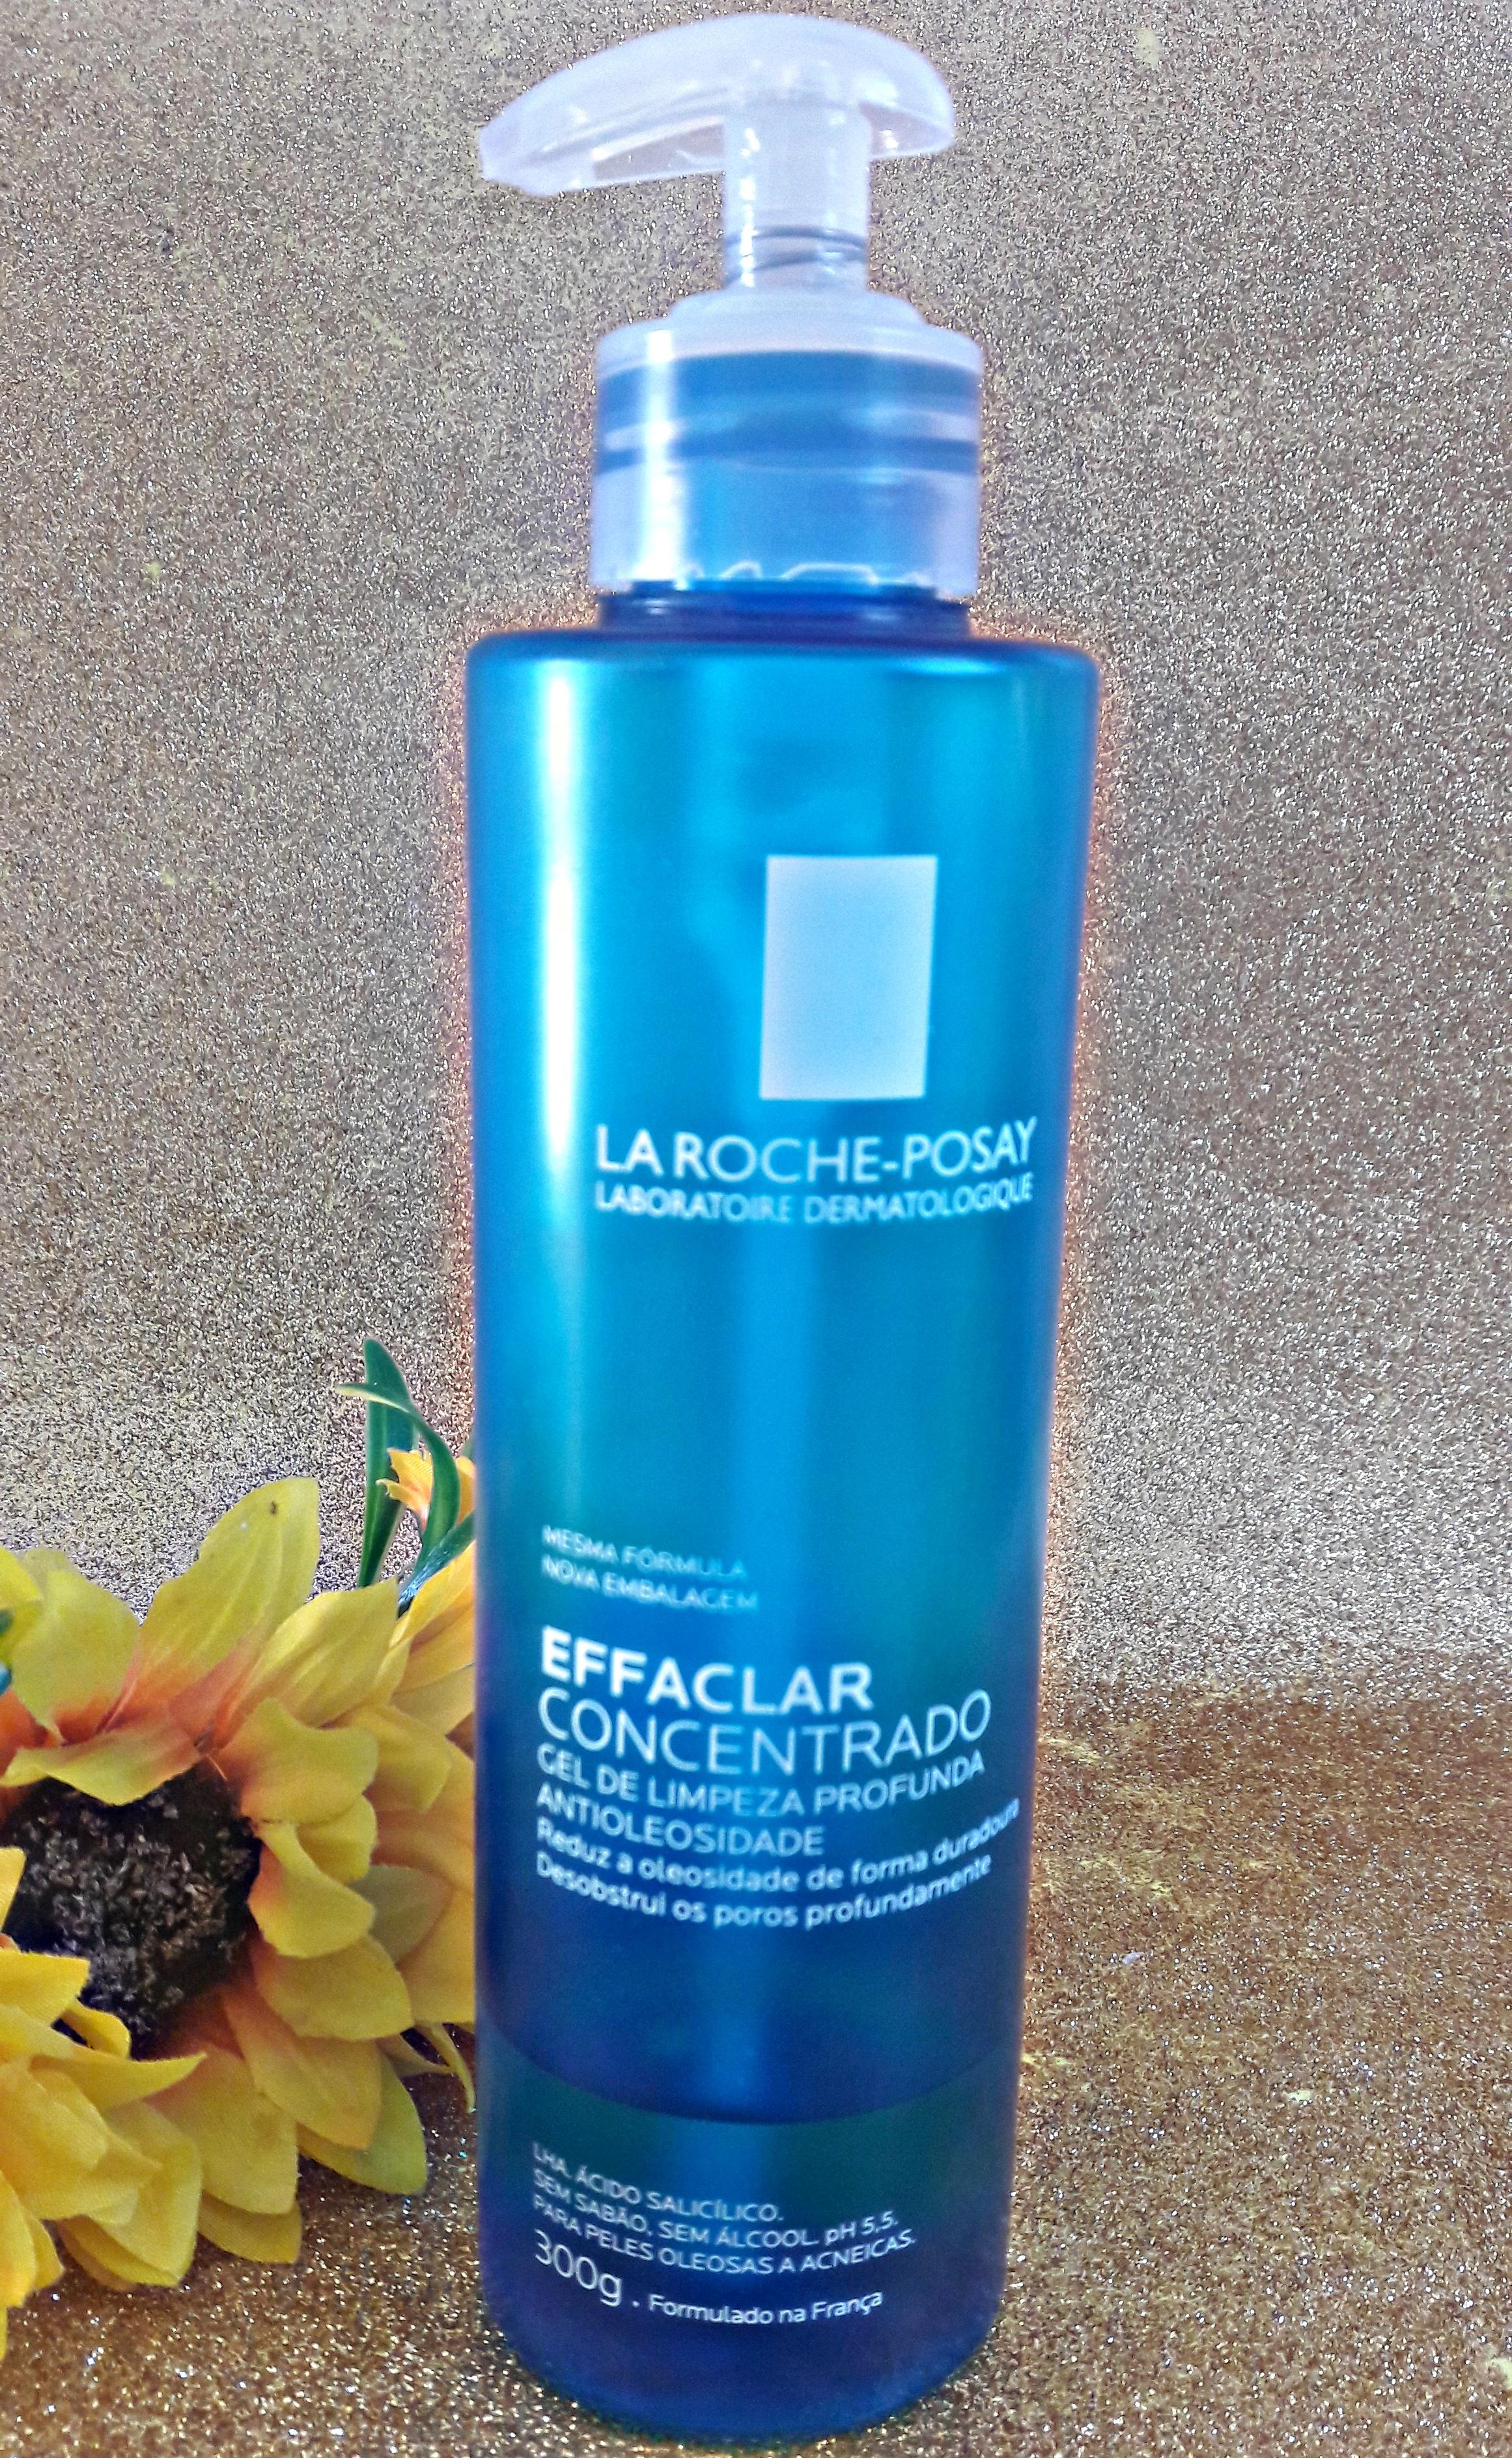 Gel de Limpeza profunda Effaclar La Roche-Posay